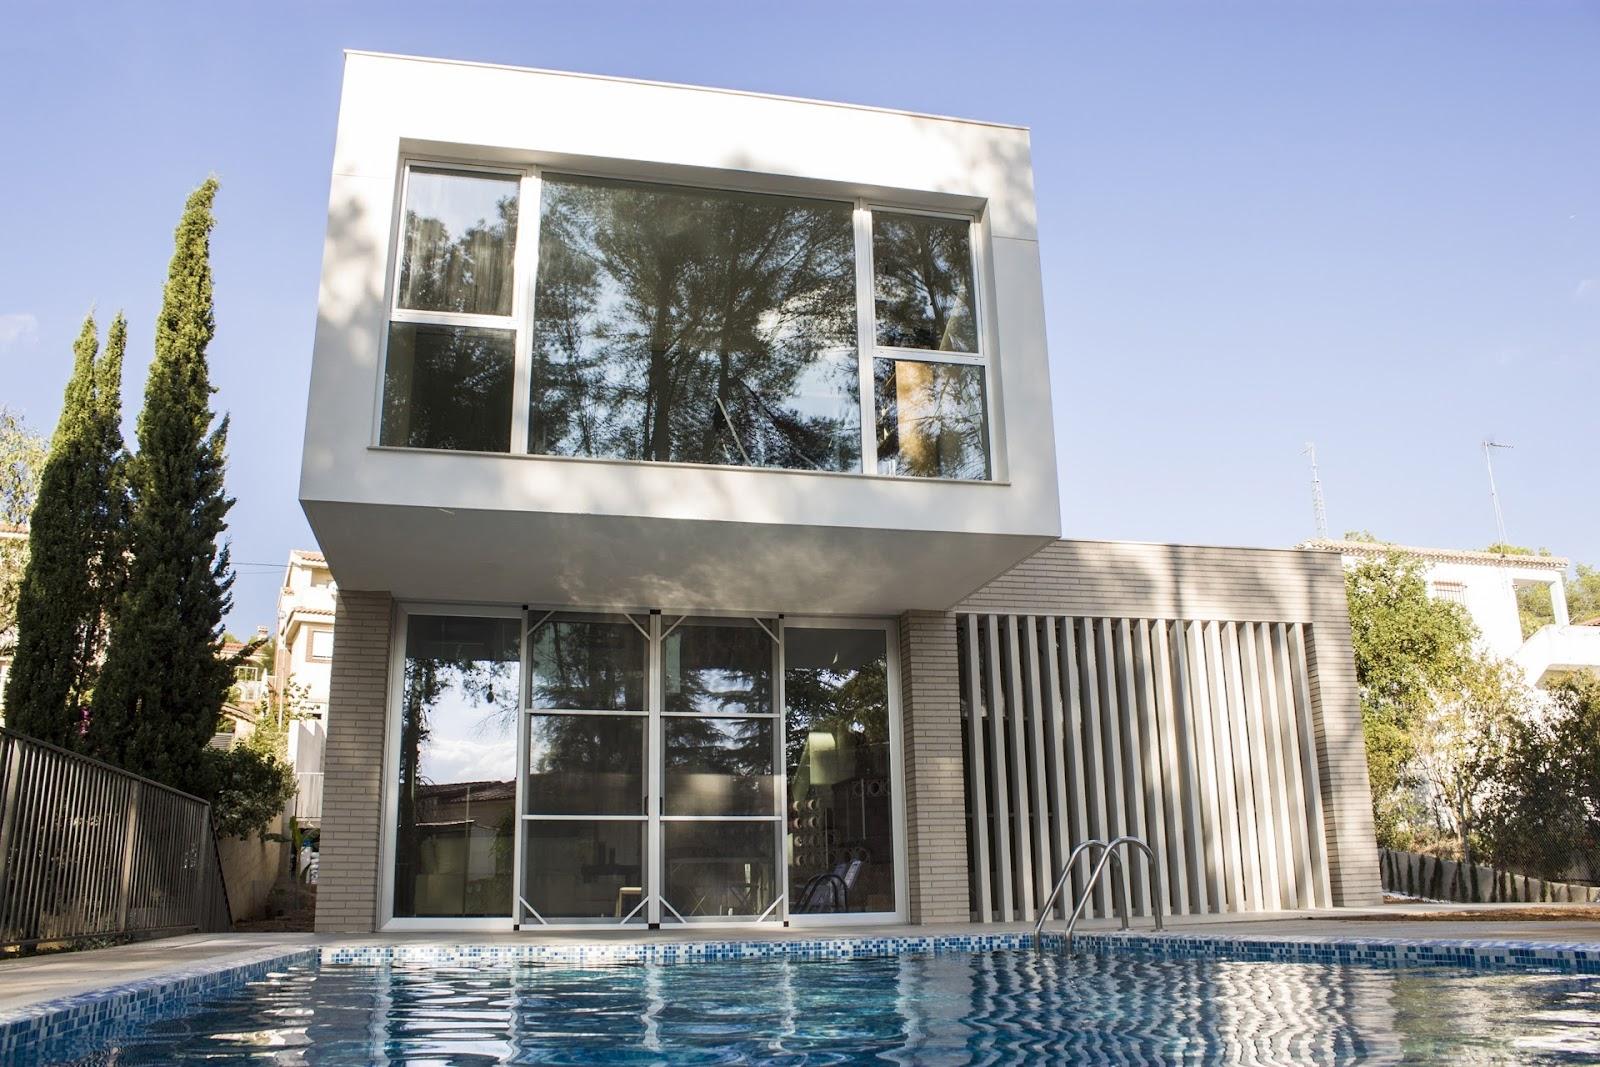 Arquitectos valencia ruben muedra estudio de - Estudio arquitectura bilbao ...